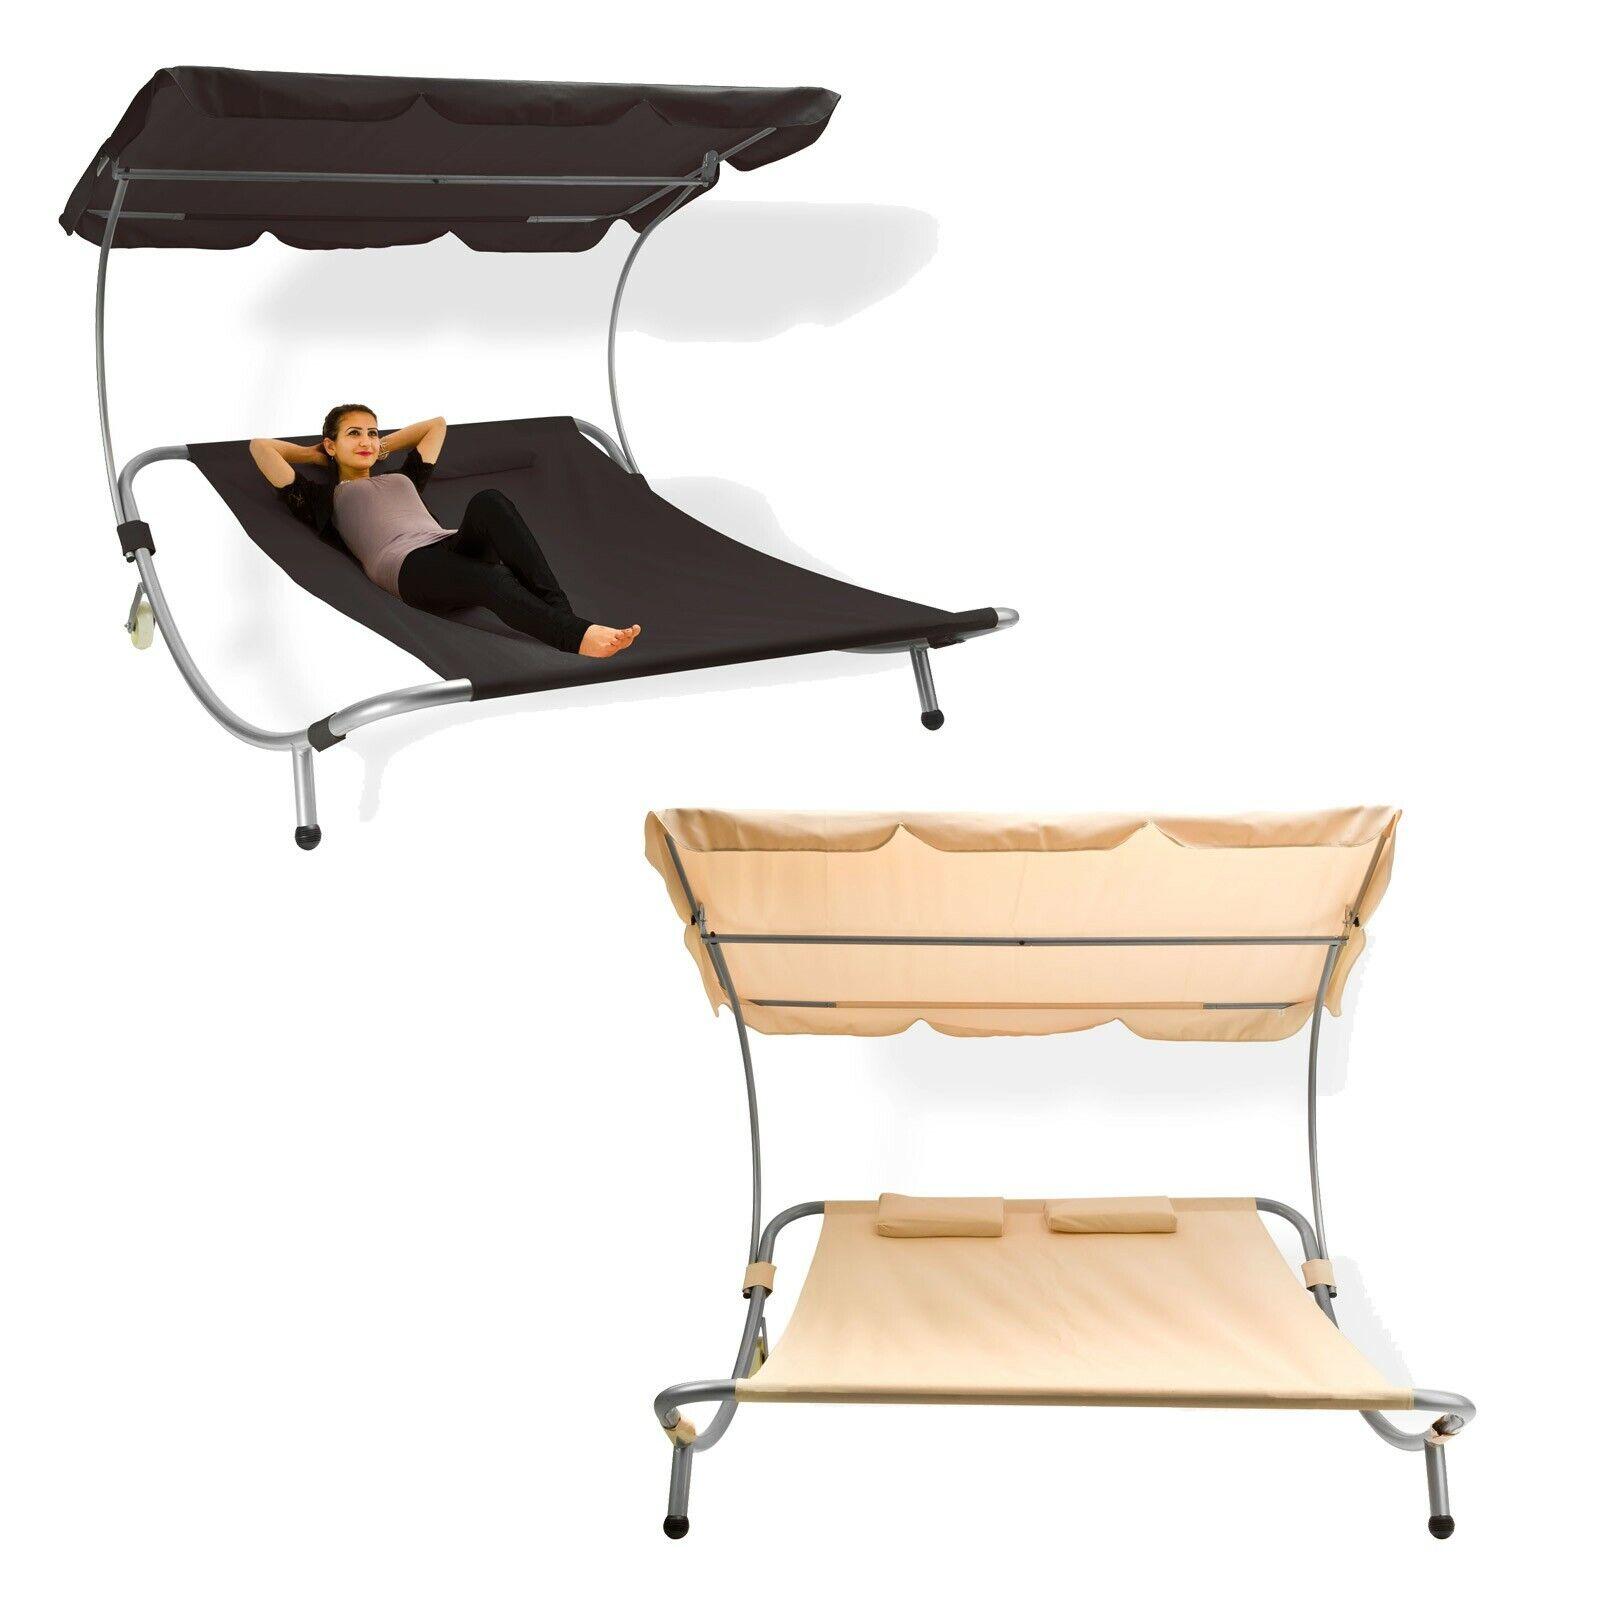 Doppelliege Gartenliege Relaxliege Freizeitliege Palma - Farbe nach Wahl